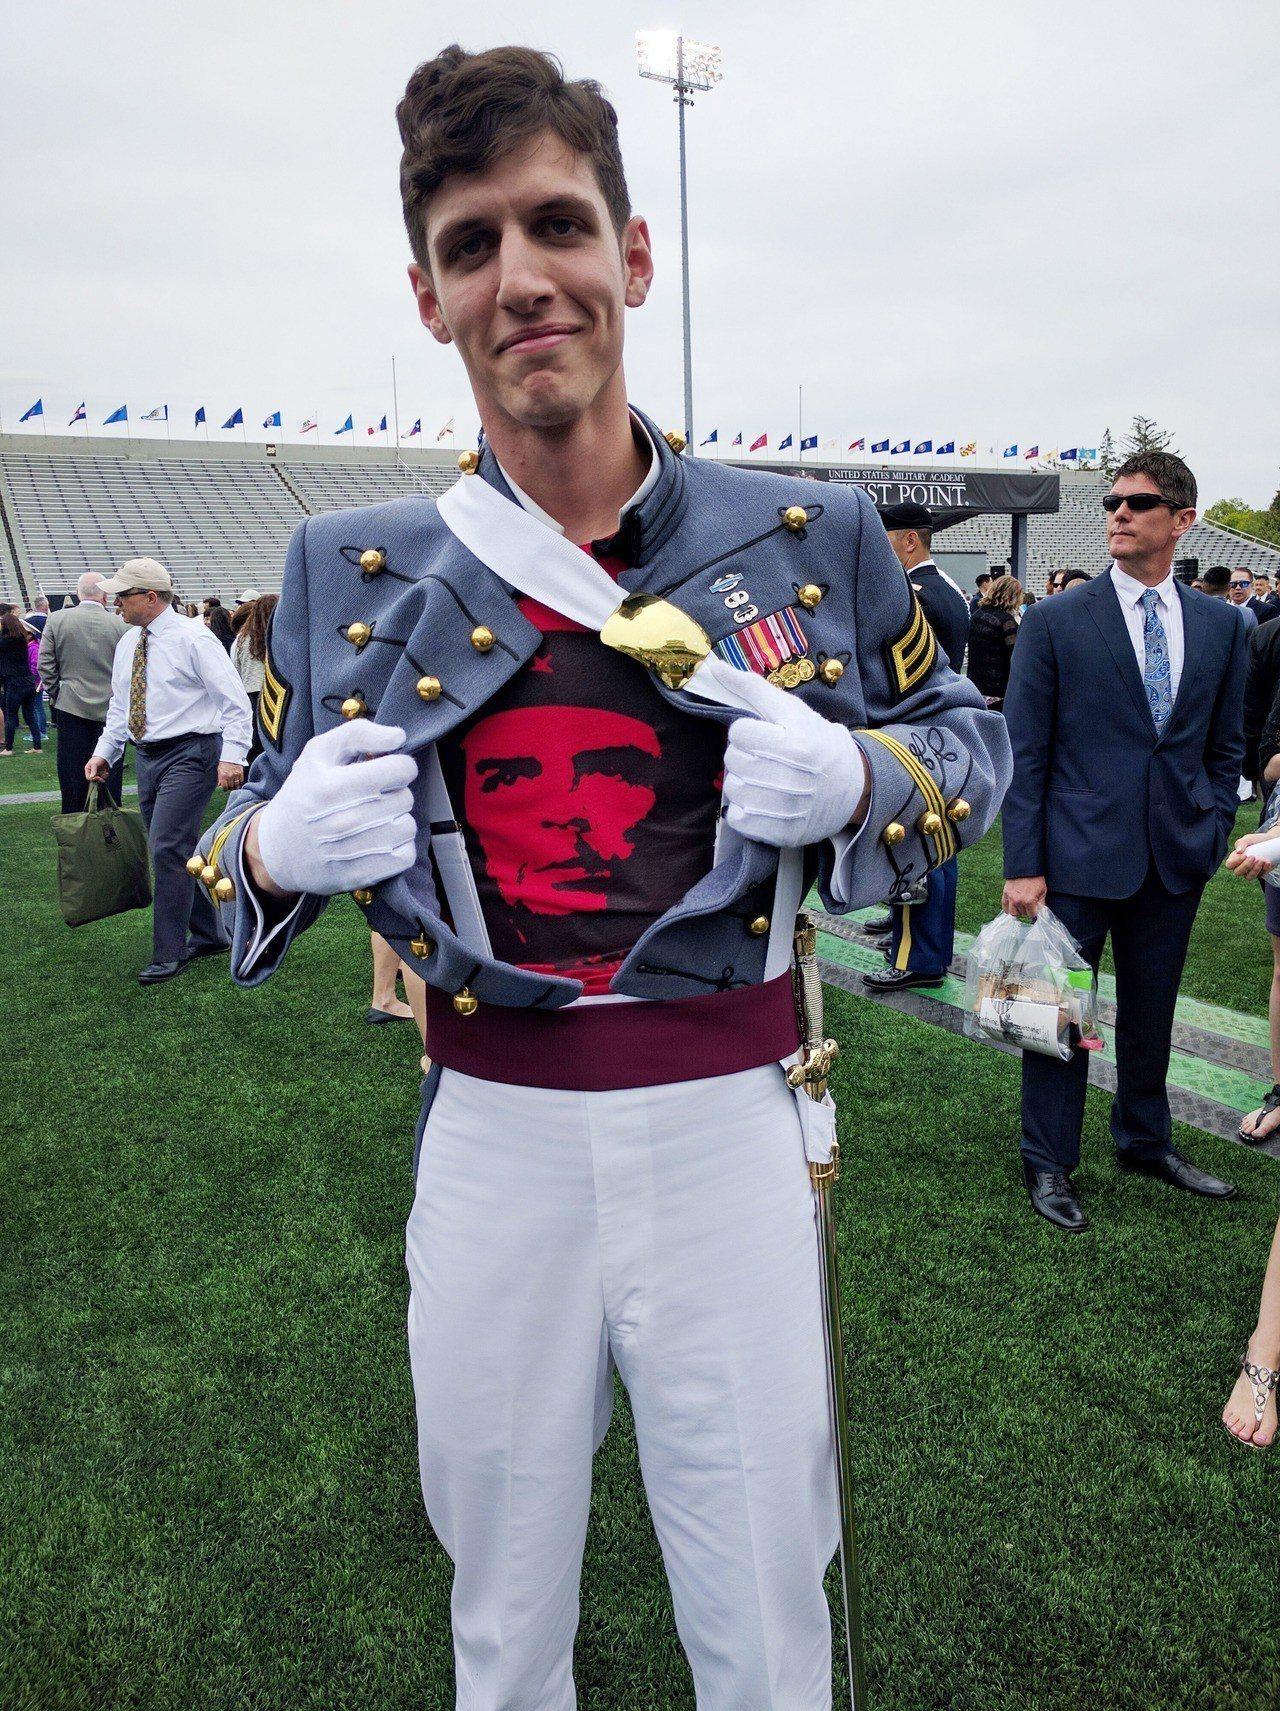 拉彭2016年自西點軍校畢業時,展示穿在制服內的切格瓦拉T恤。 美聯社